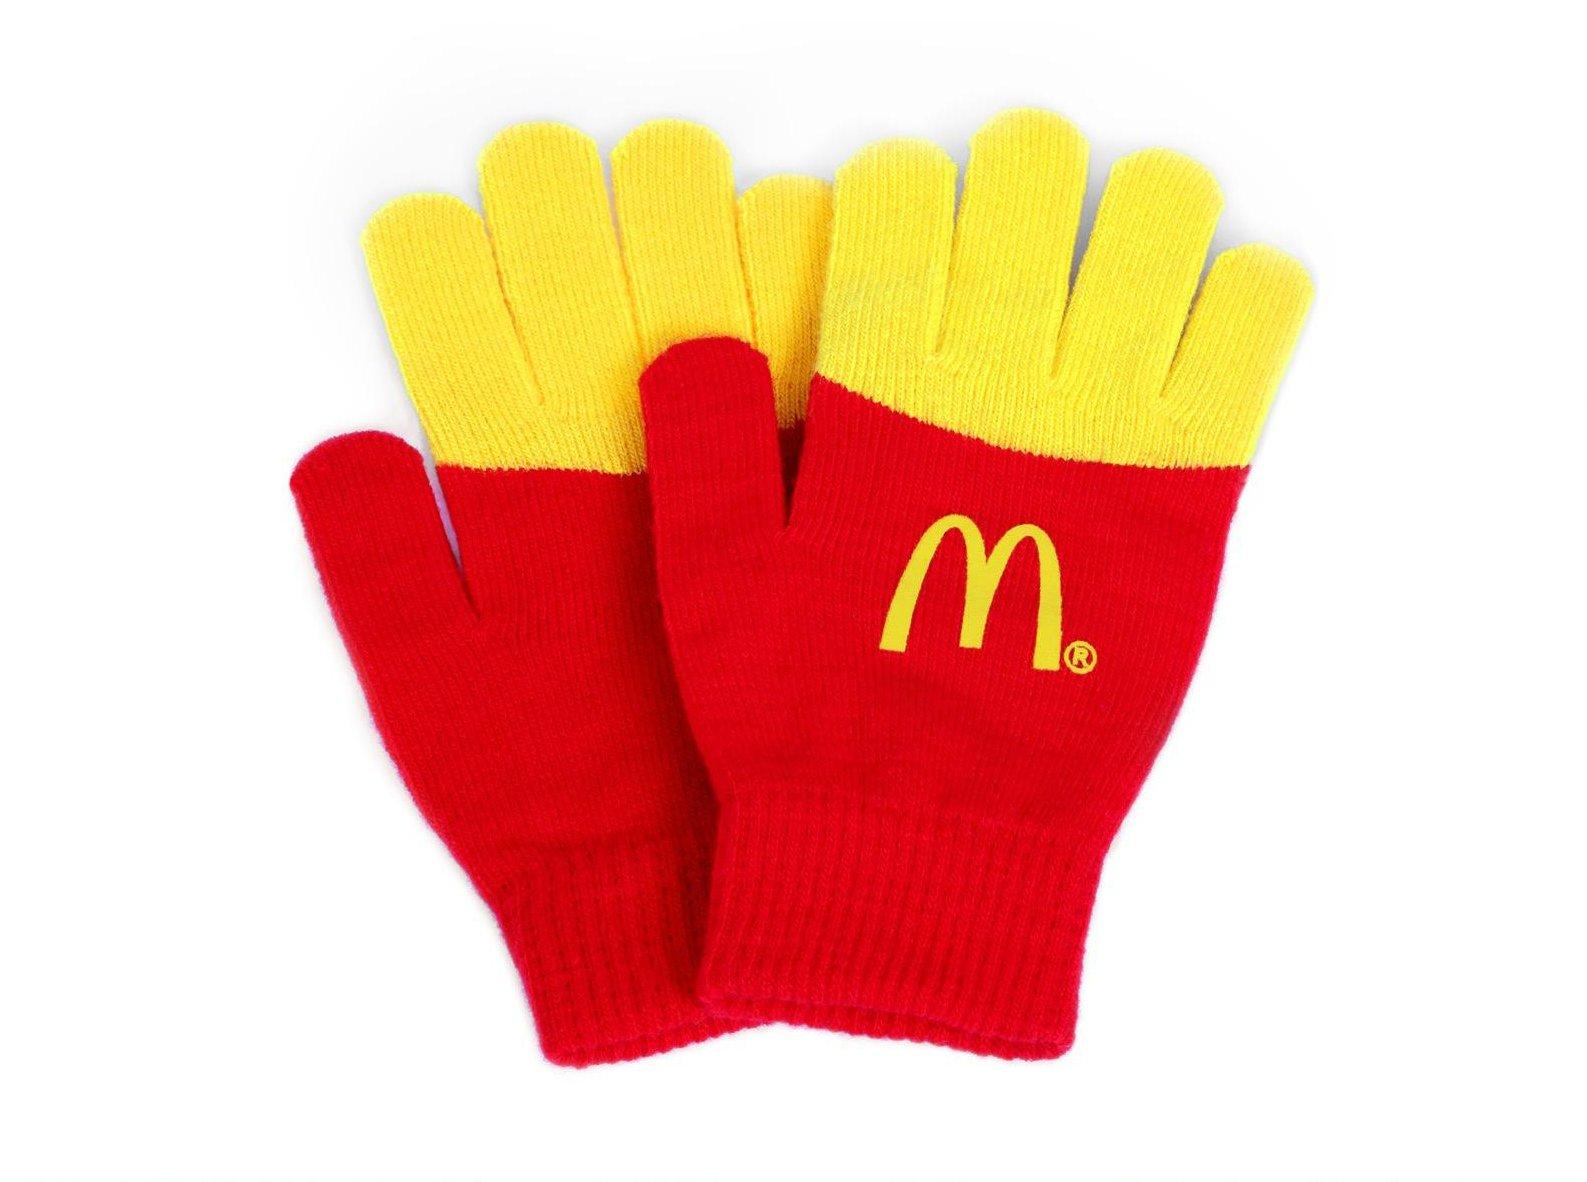 アメリカで配られたマックのポテト手袋、めっちゃ欲しい。こういうグッズをハッピーセットにして親子向けに2サイズ用意したらかなり売れそうな気がする。